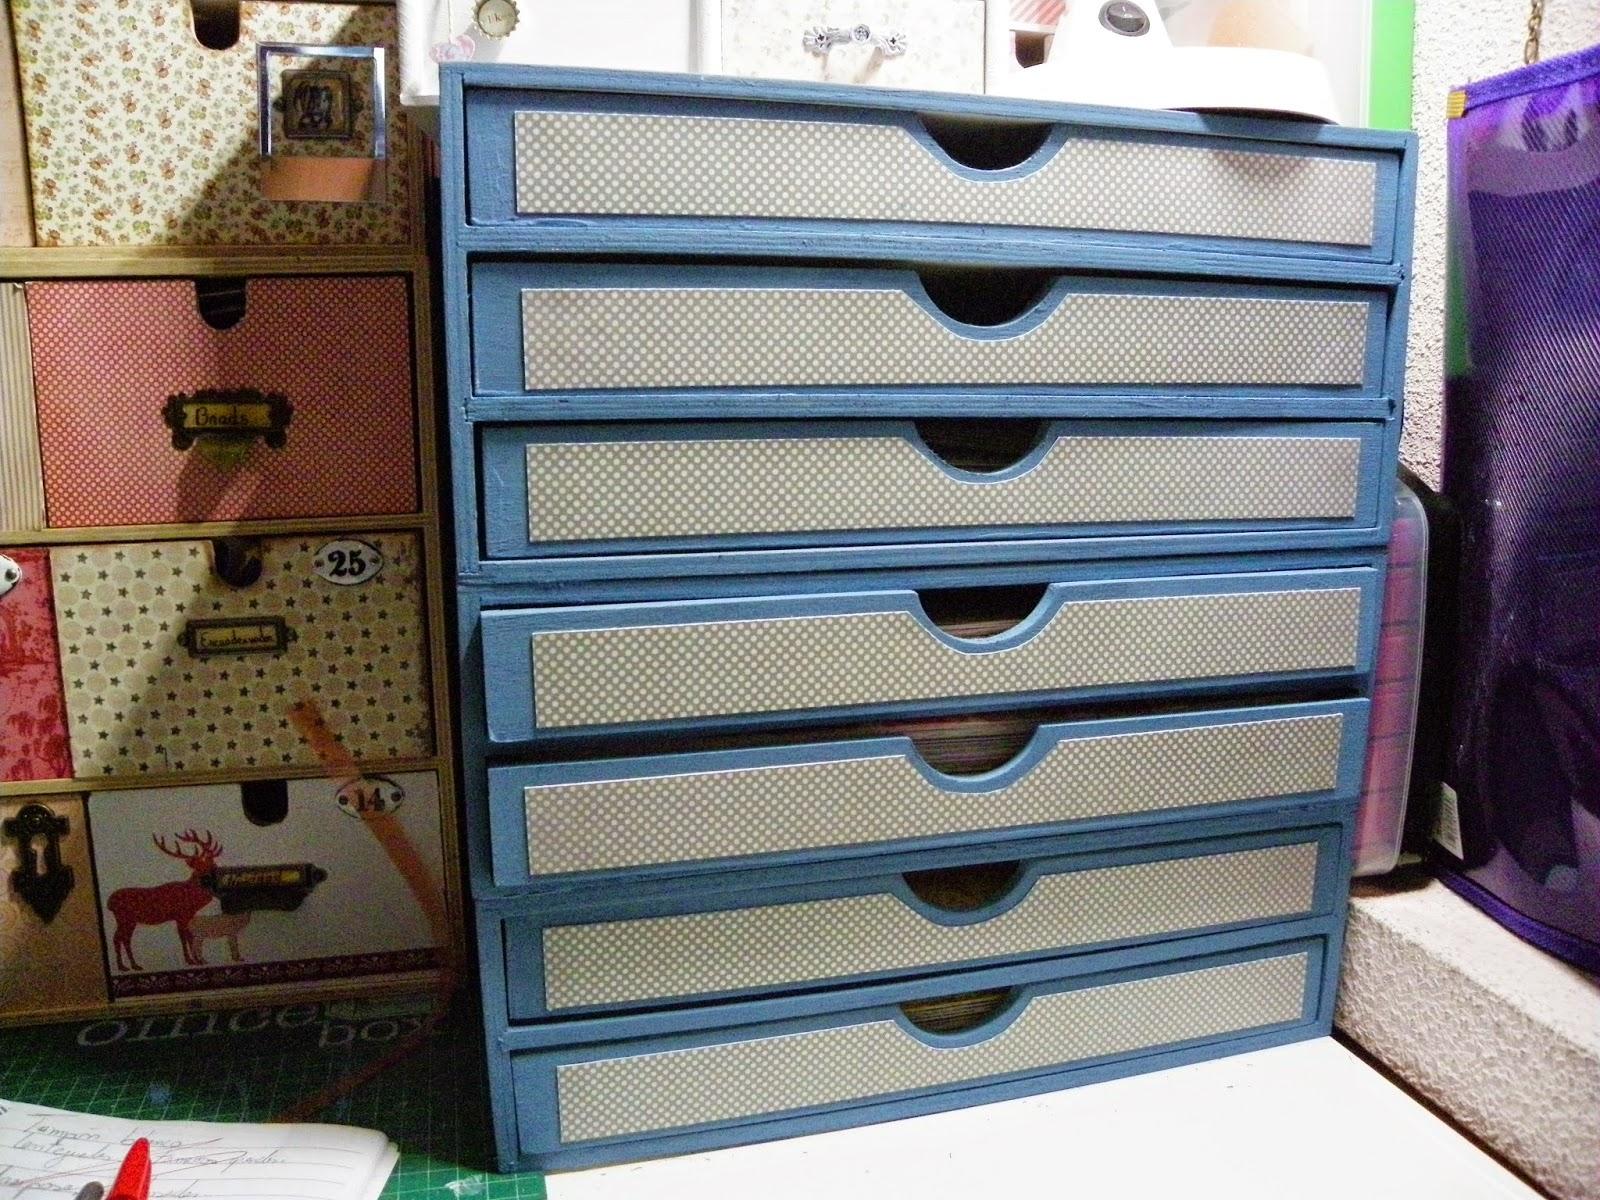 Scrapeando un ratito mueble para papeles 30 x 30 - Papeles adhesivos para muebles ...